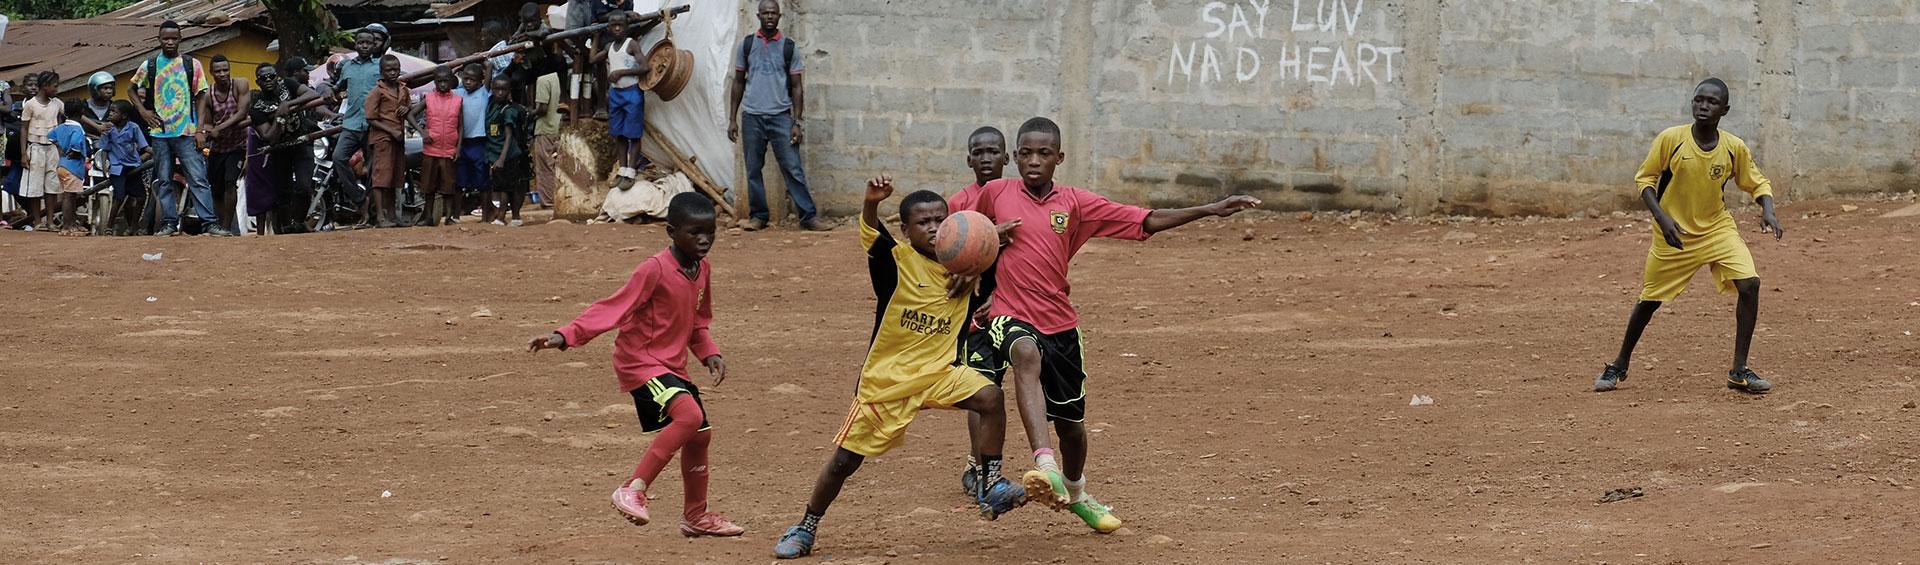 Football for Child Development-1